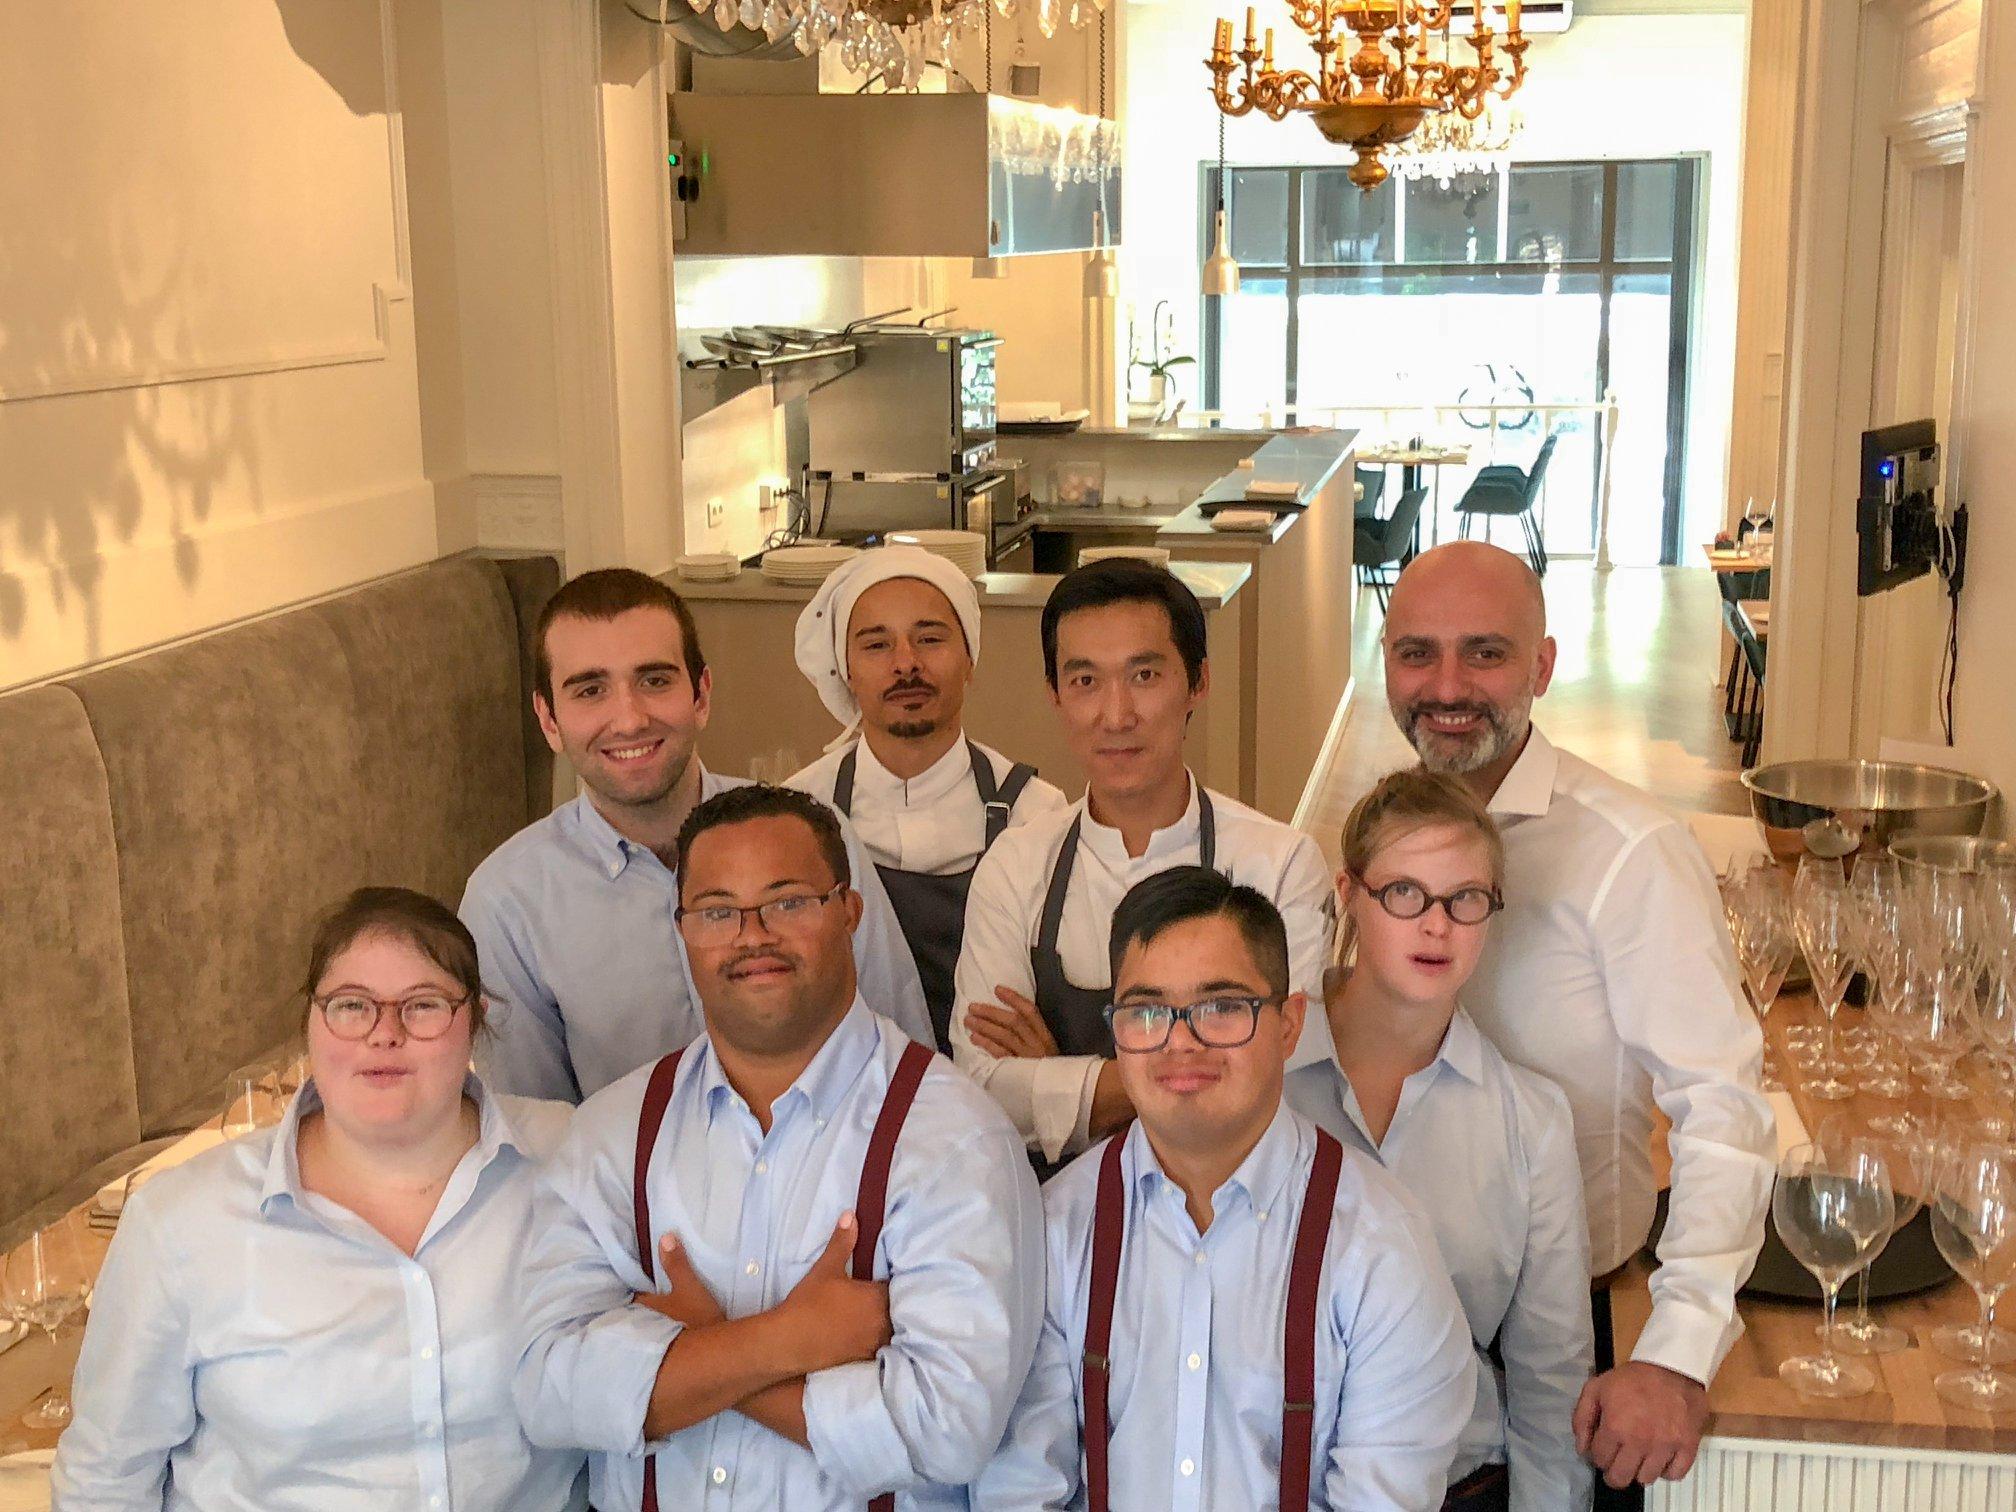 «Солнечный» персонал сделал бельгийский ресторан популярным.Вокруг Света. Украина